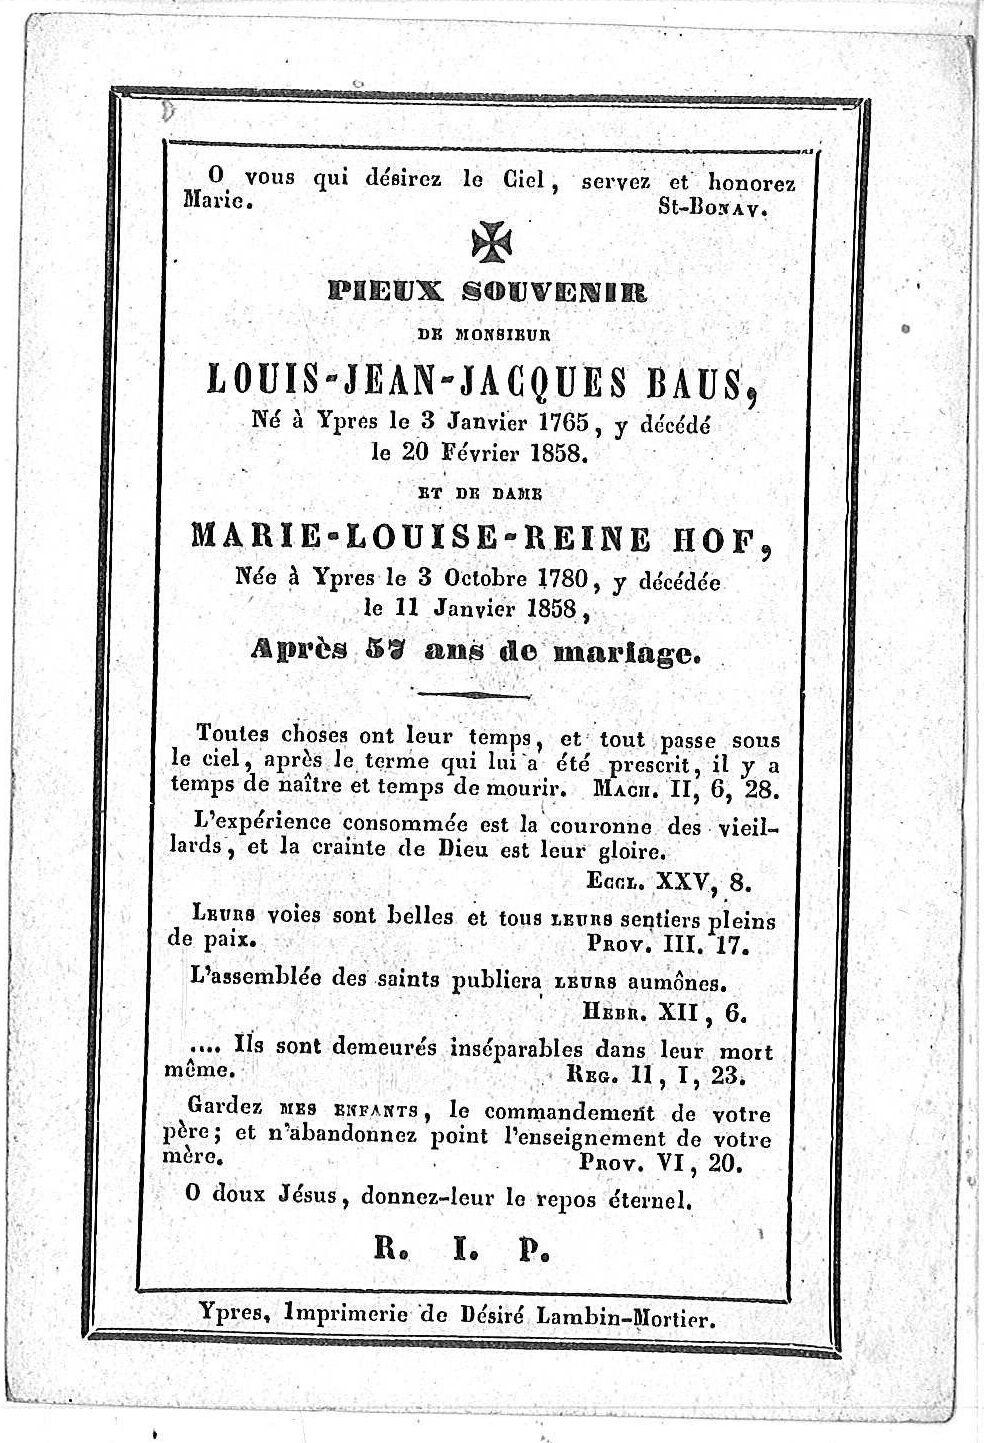 Louis-Jean-Jacques Baus en Marie-Louise-Reine Hof